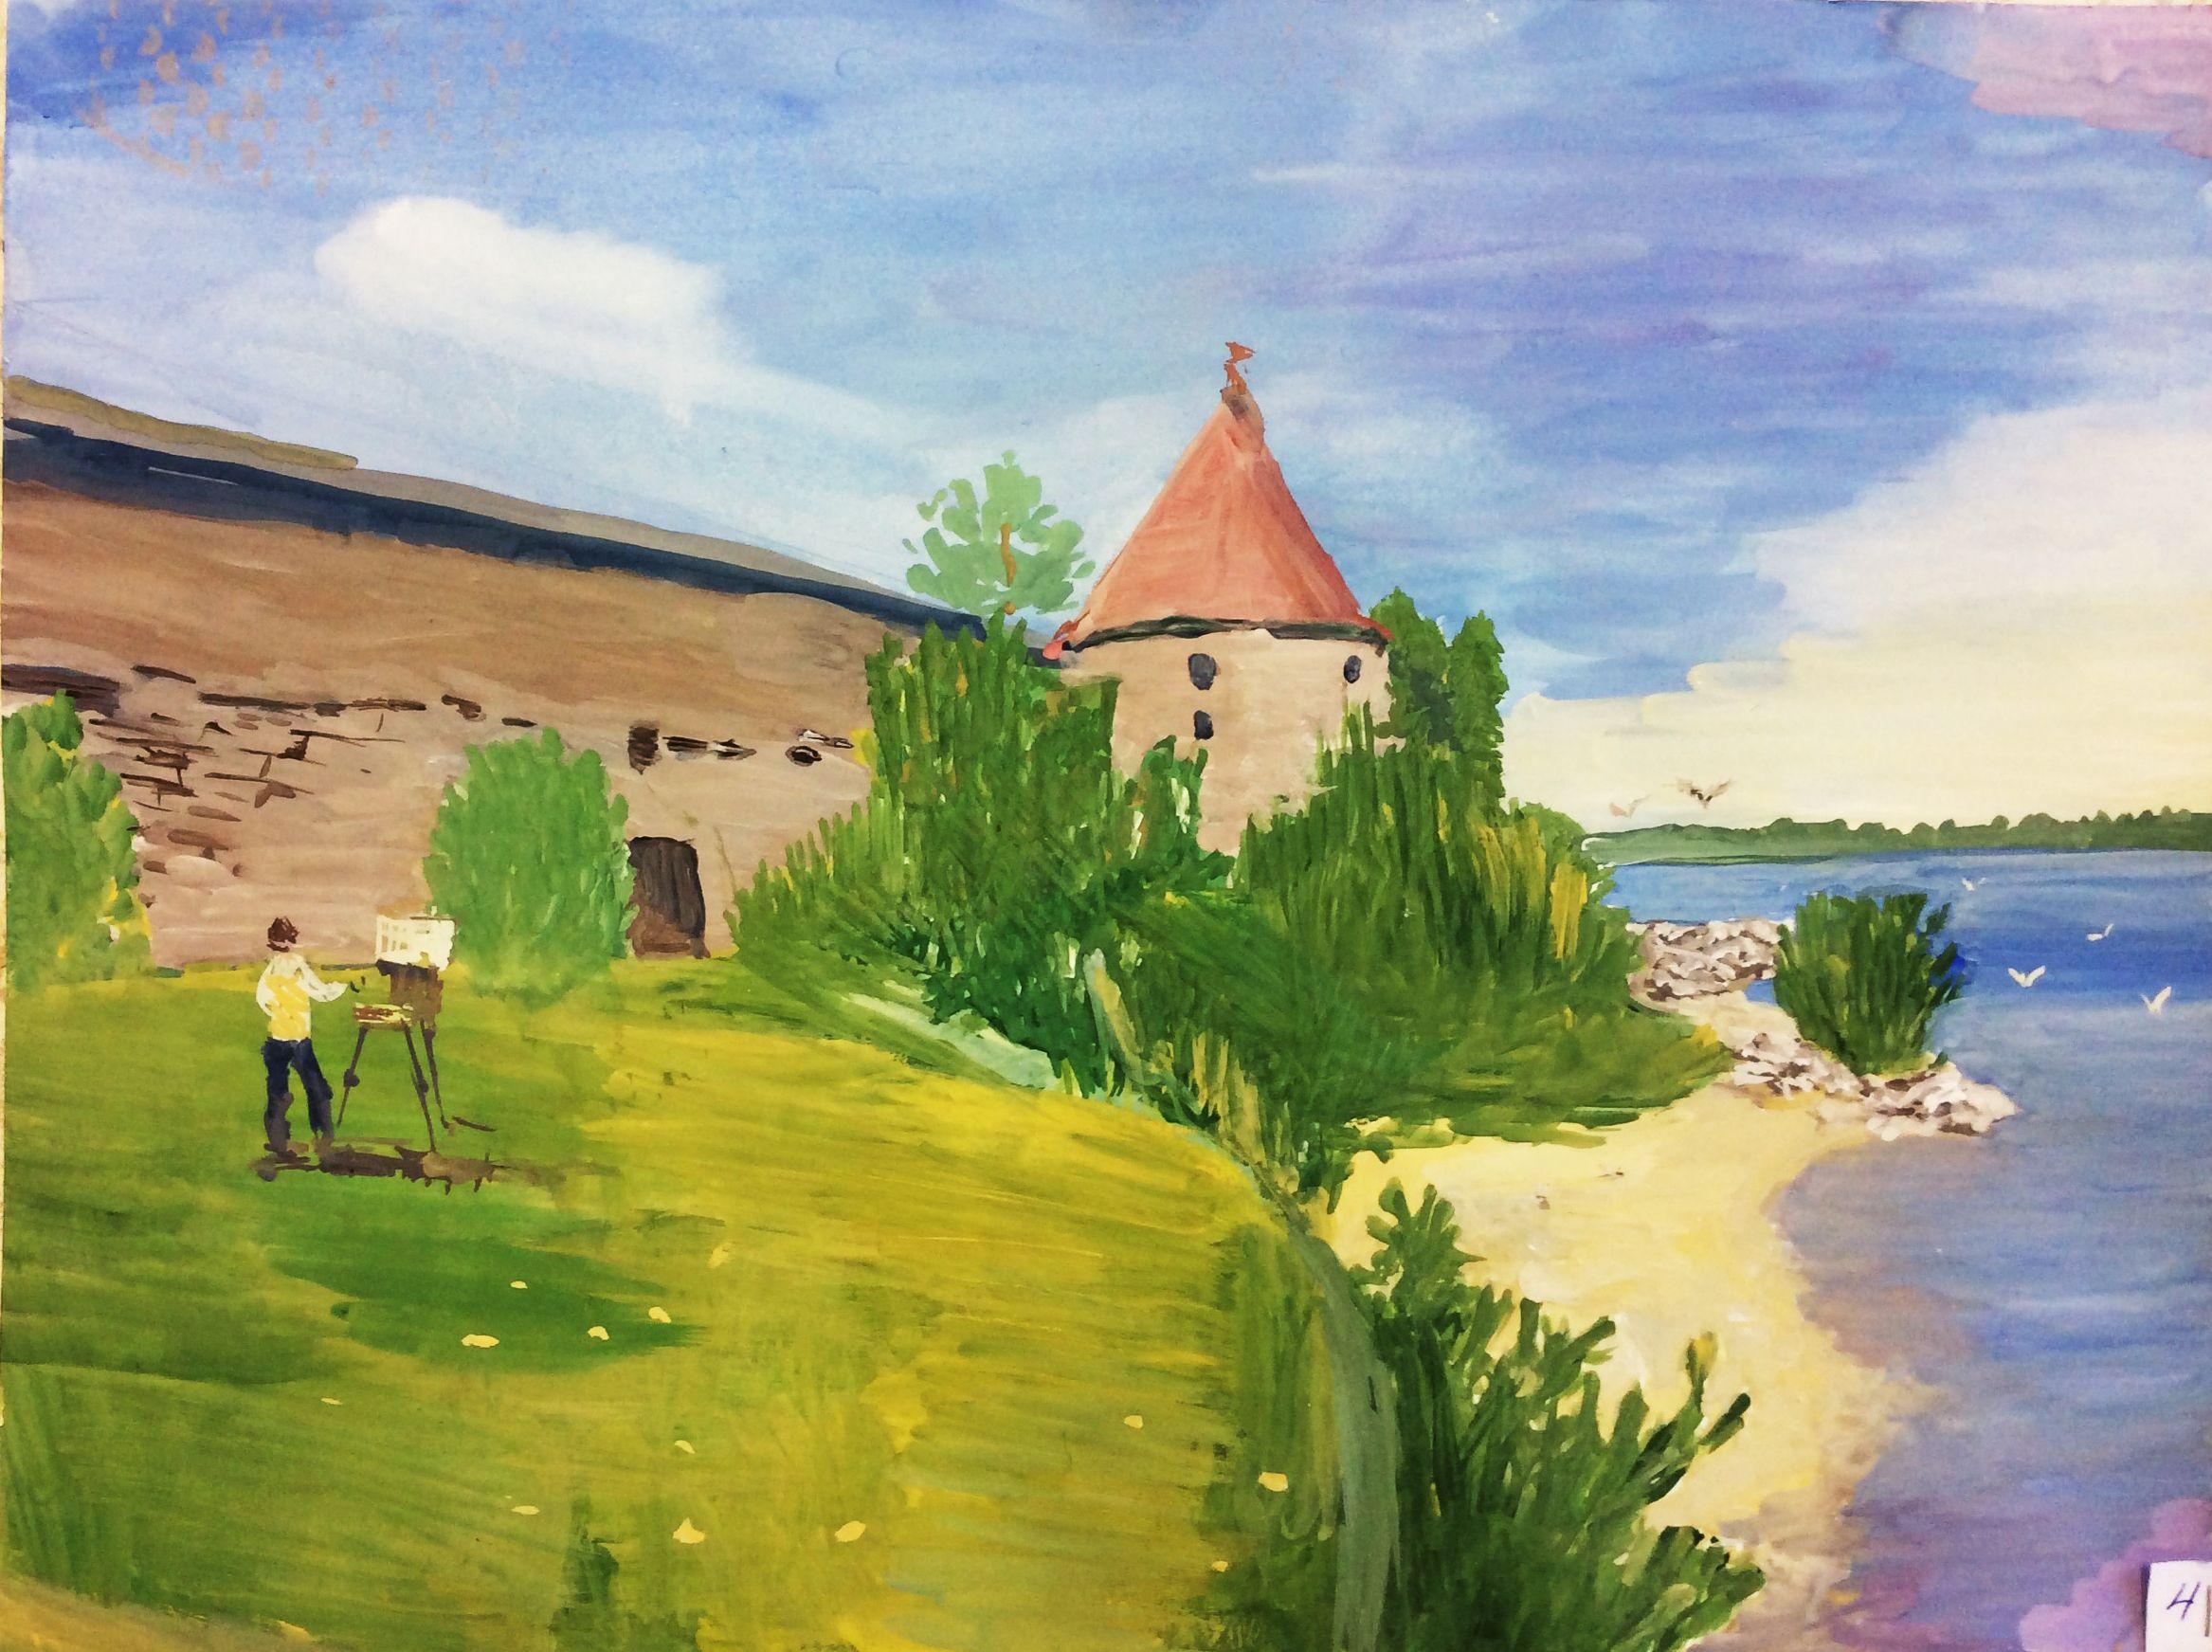 «Пленэр на Ореховом острове», Тарасова Лена (14 лет), гуашь, преп. В. А. Саржин